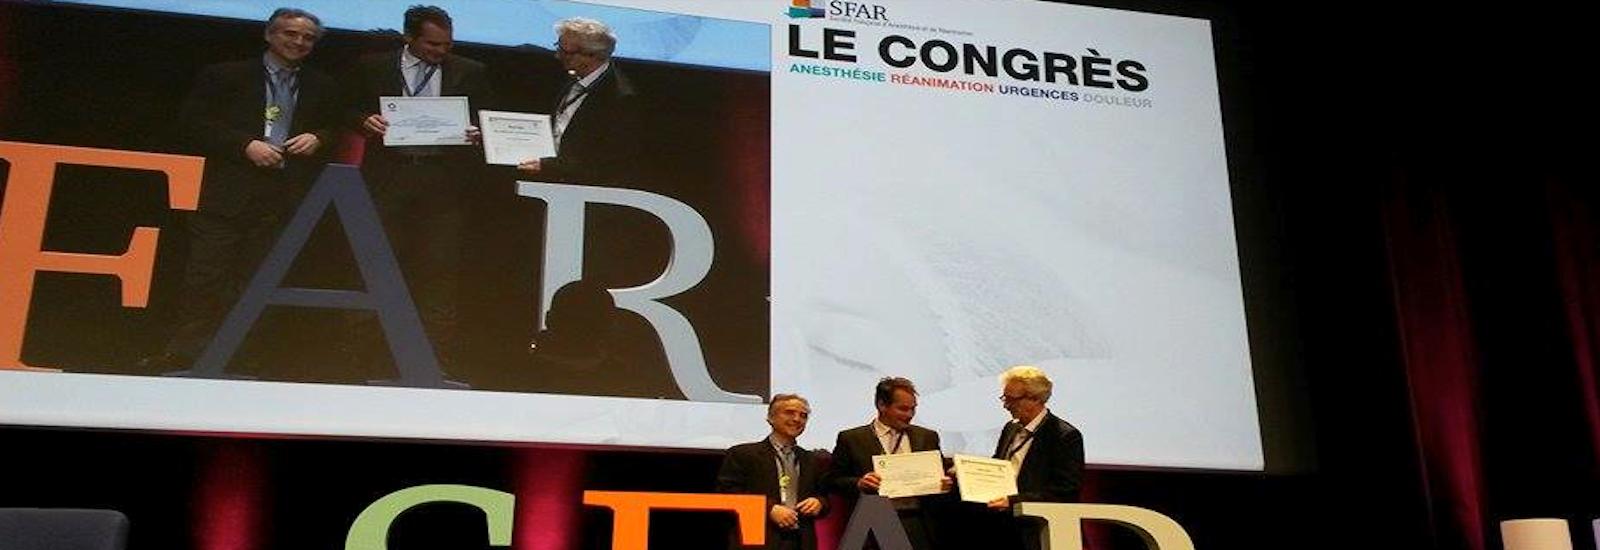 Remise de prix au Congrès SFAR 2017